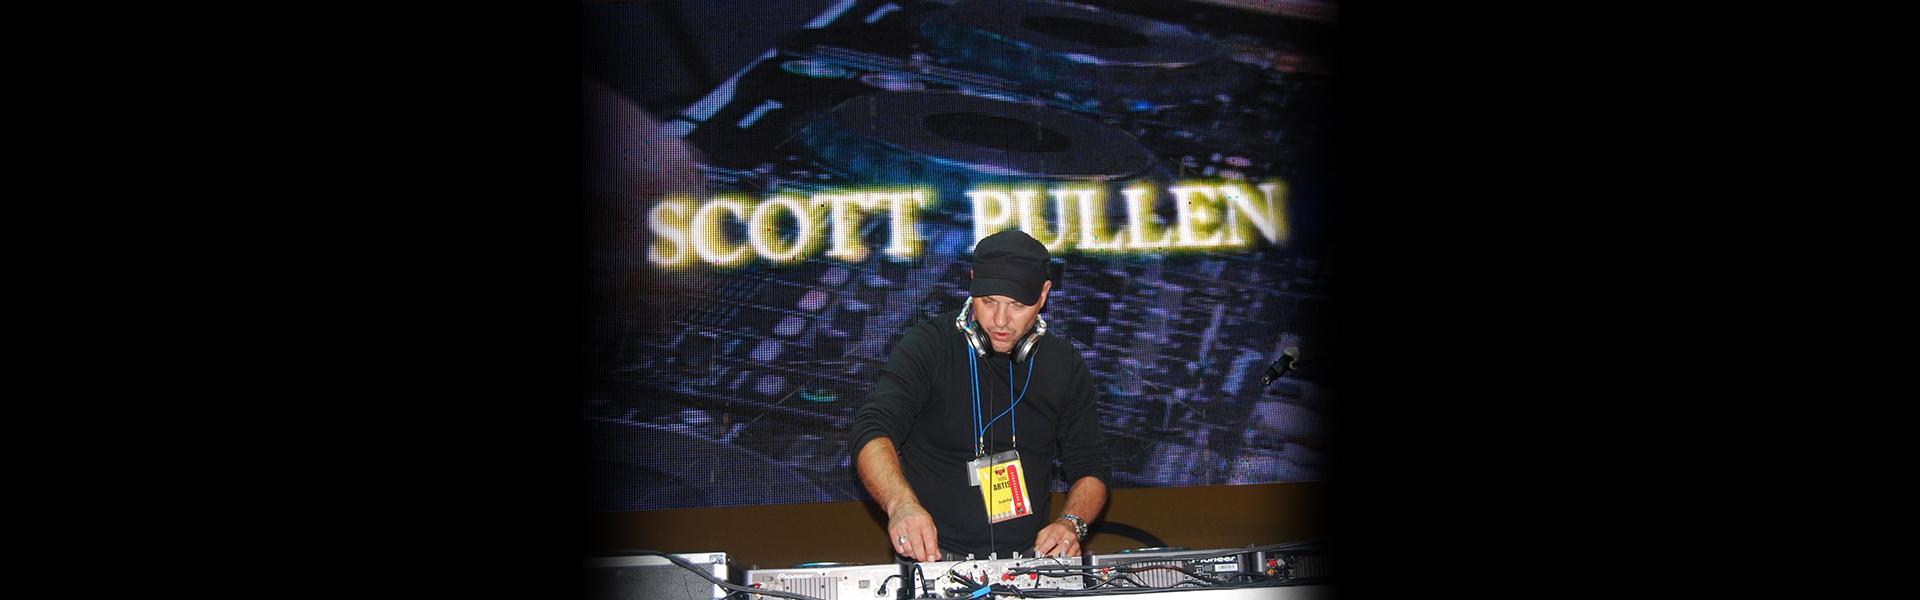 https://scottpullen.com/wp-content/uploads/2013/02/nivoSliderPics_gigs.jpg